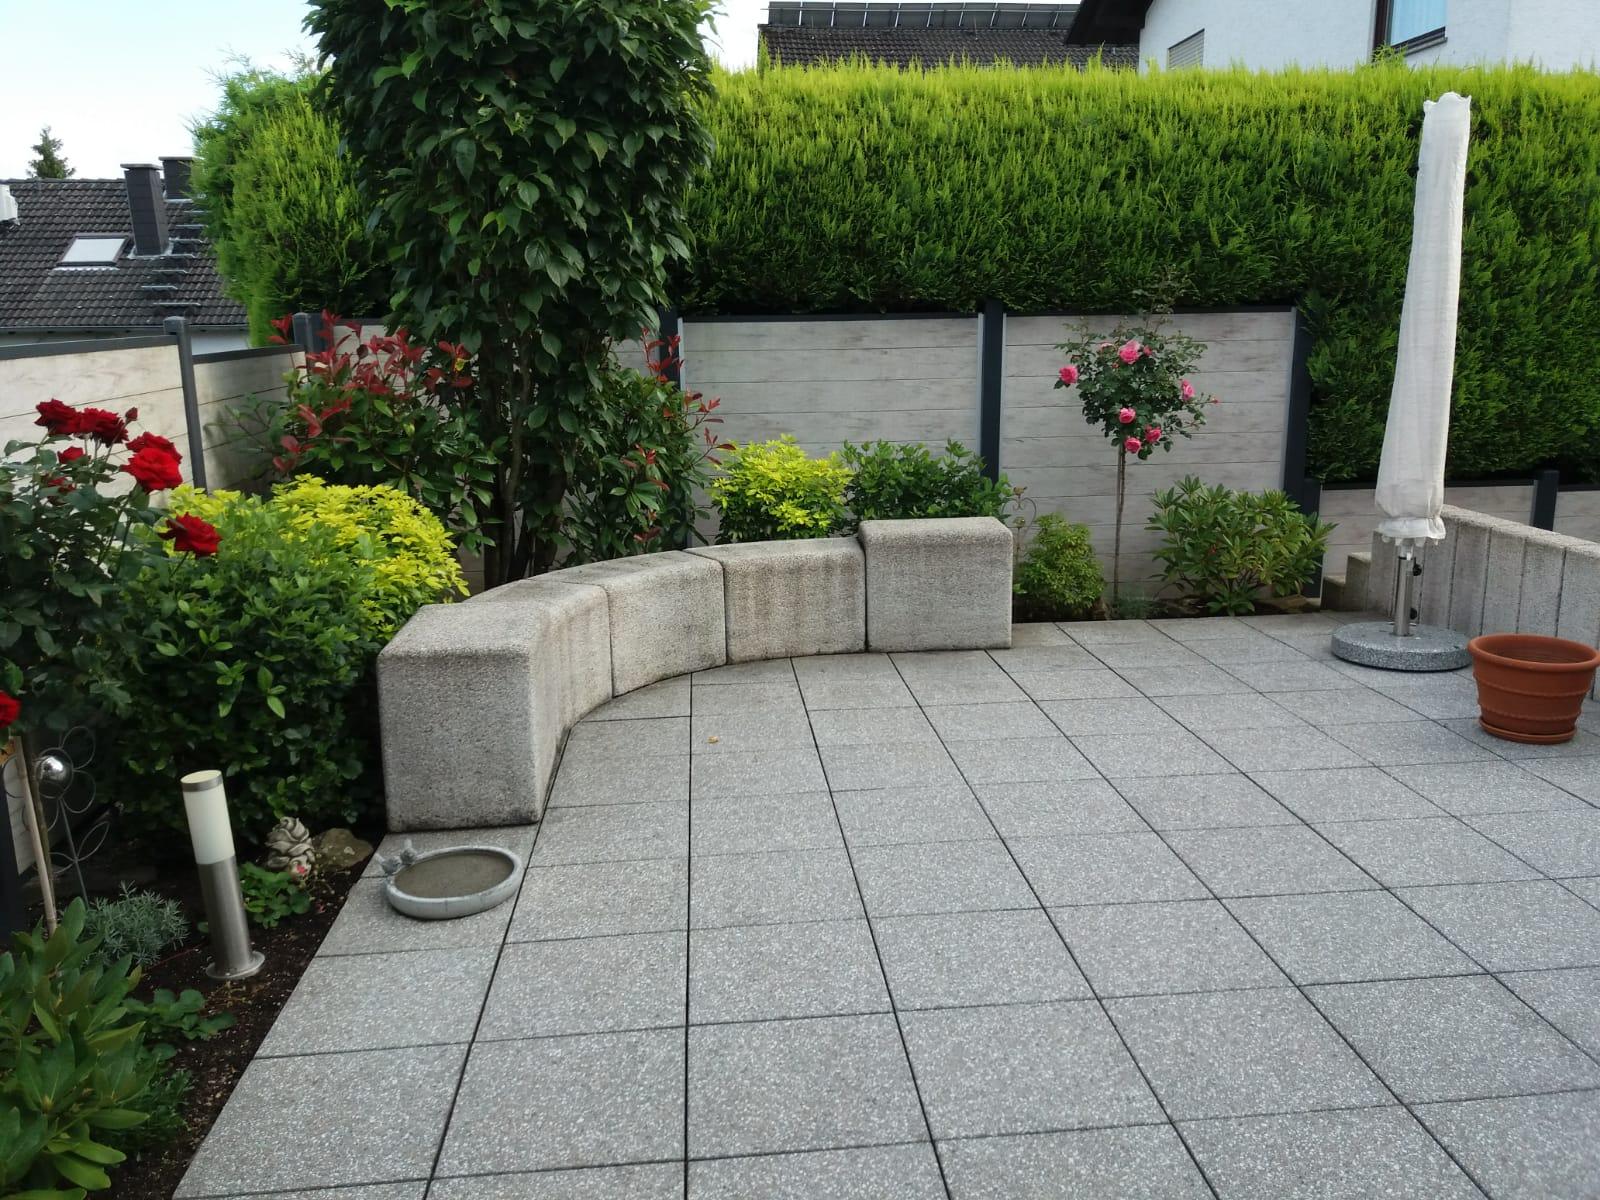 Blick auf die Terrasse vor der Reinigung: Den Sitzblöcken und Terrassenplatten sieht man ihr Alter an.